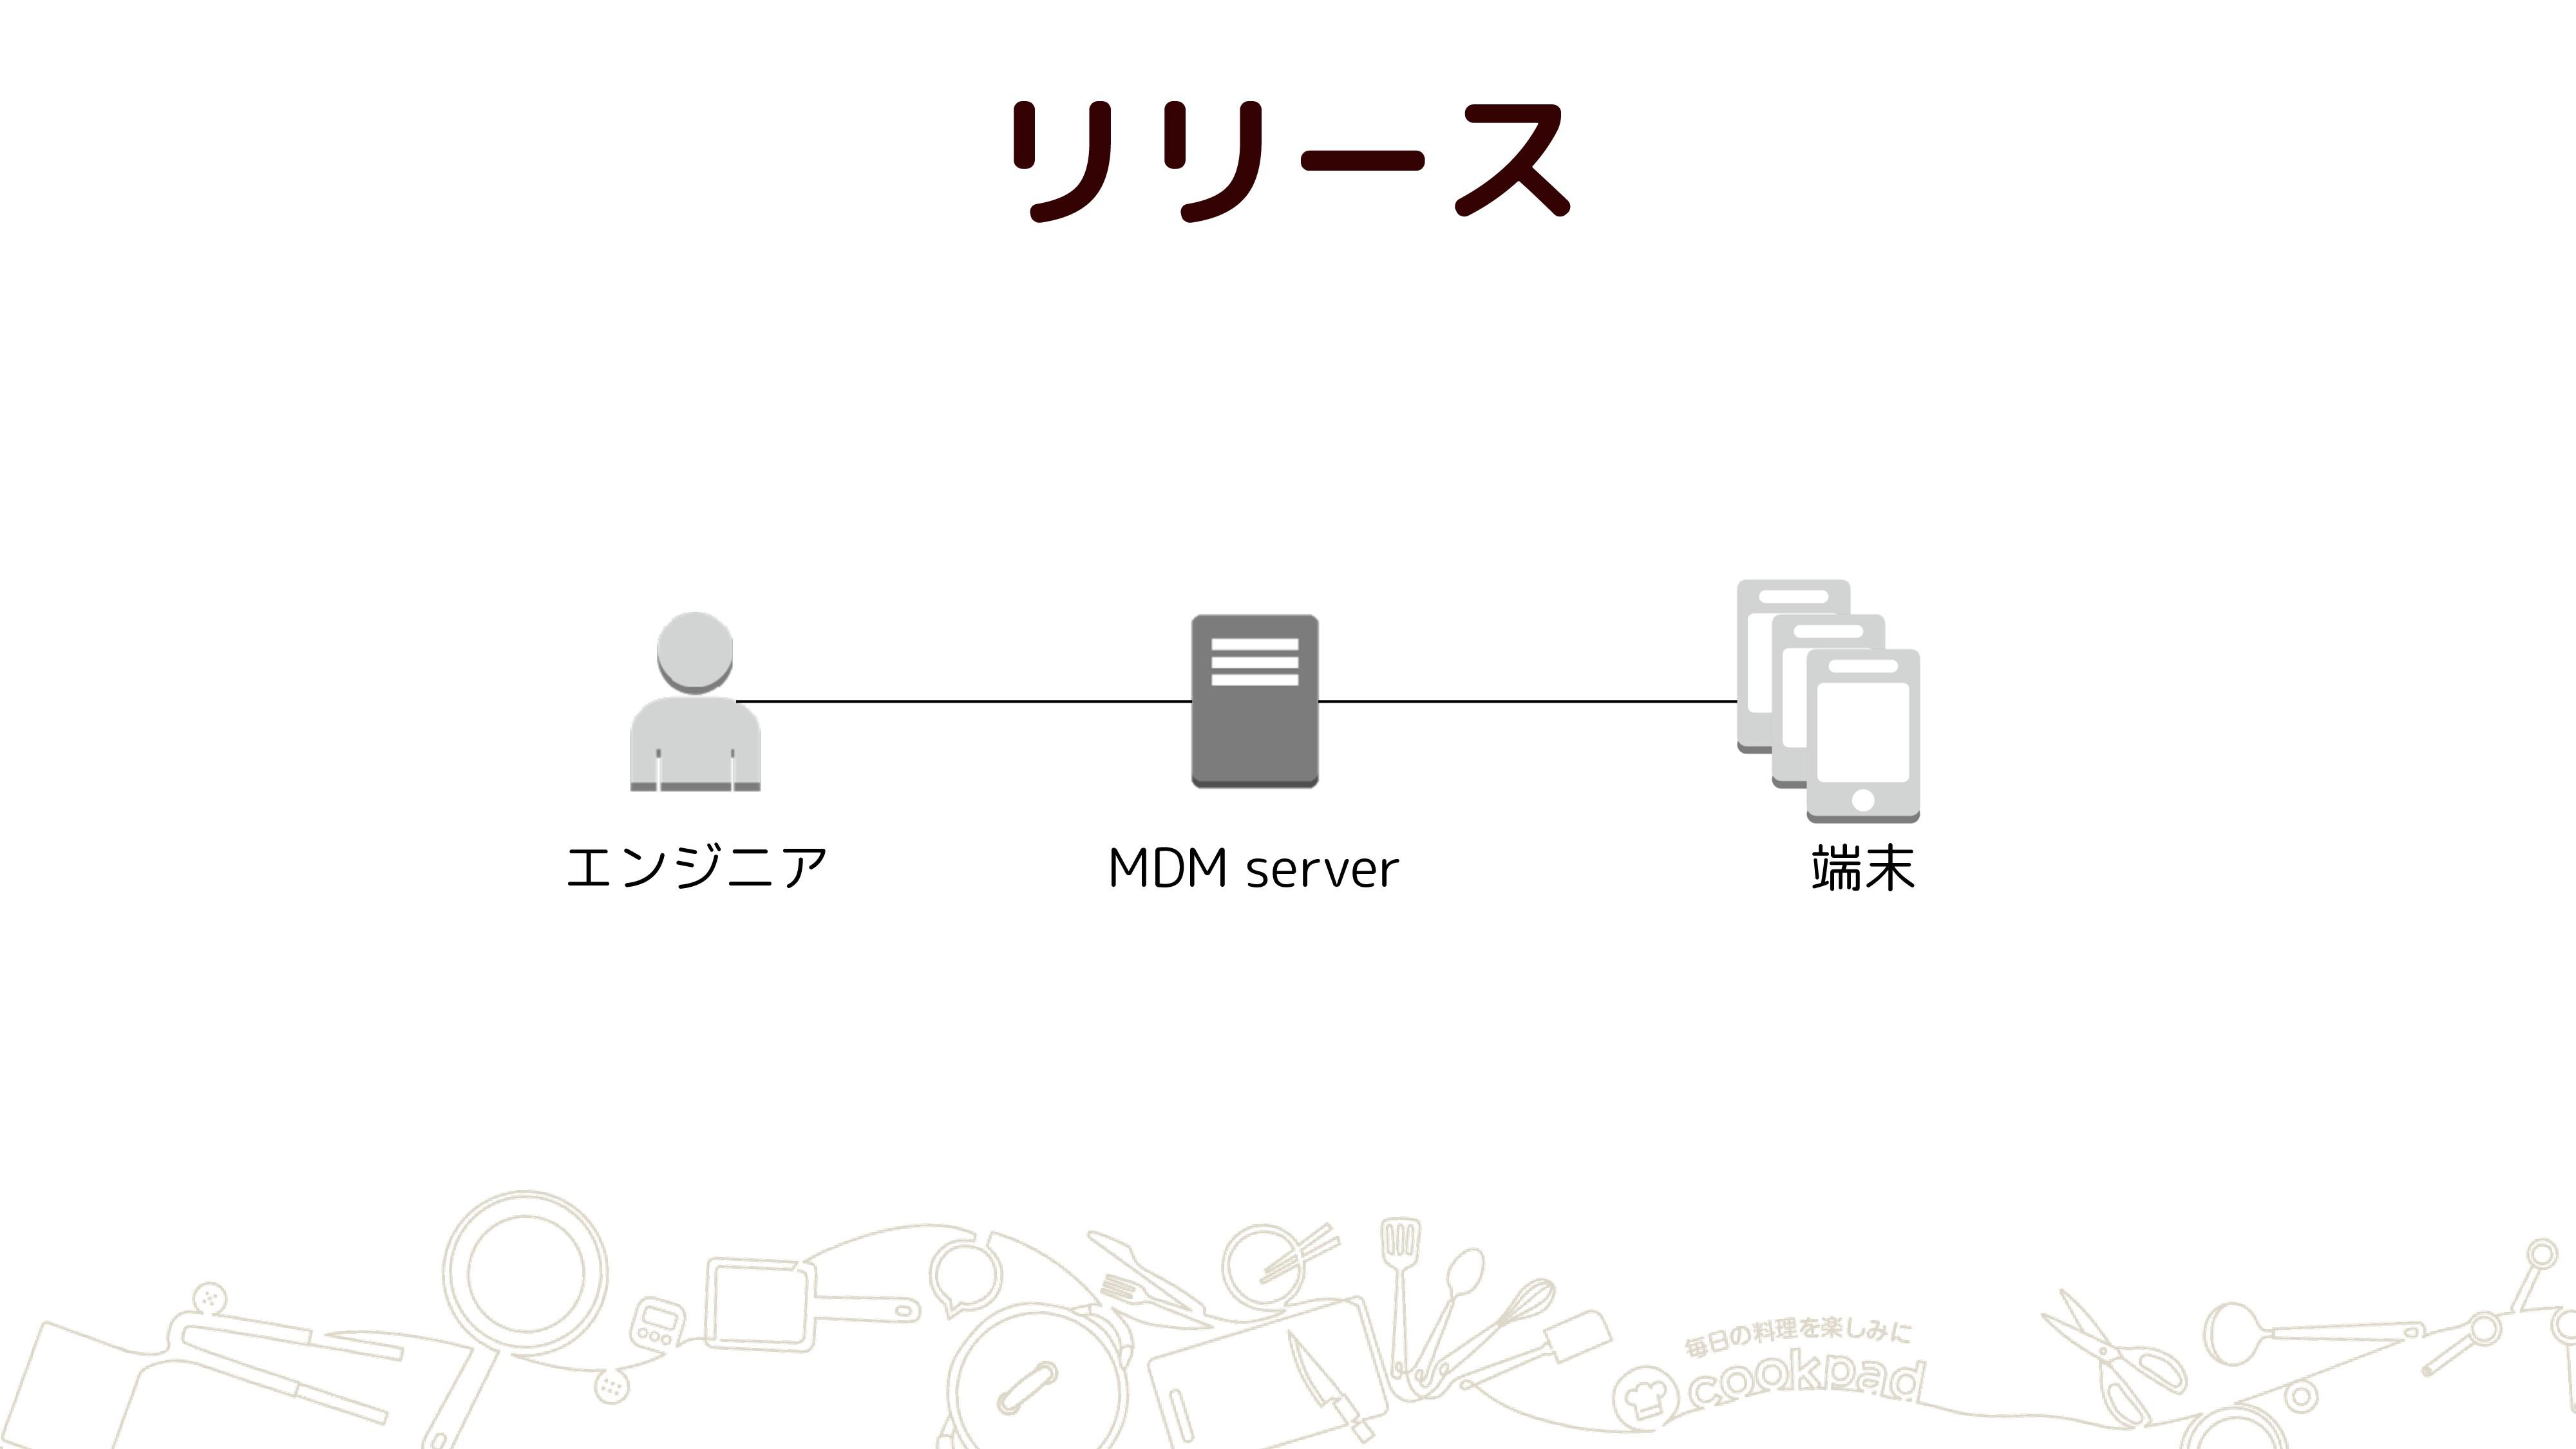 リリース エンジニア MDM server 端末